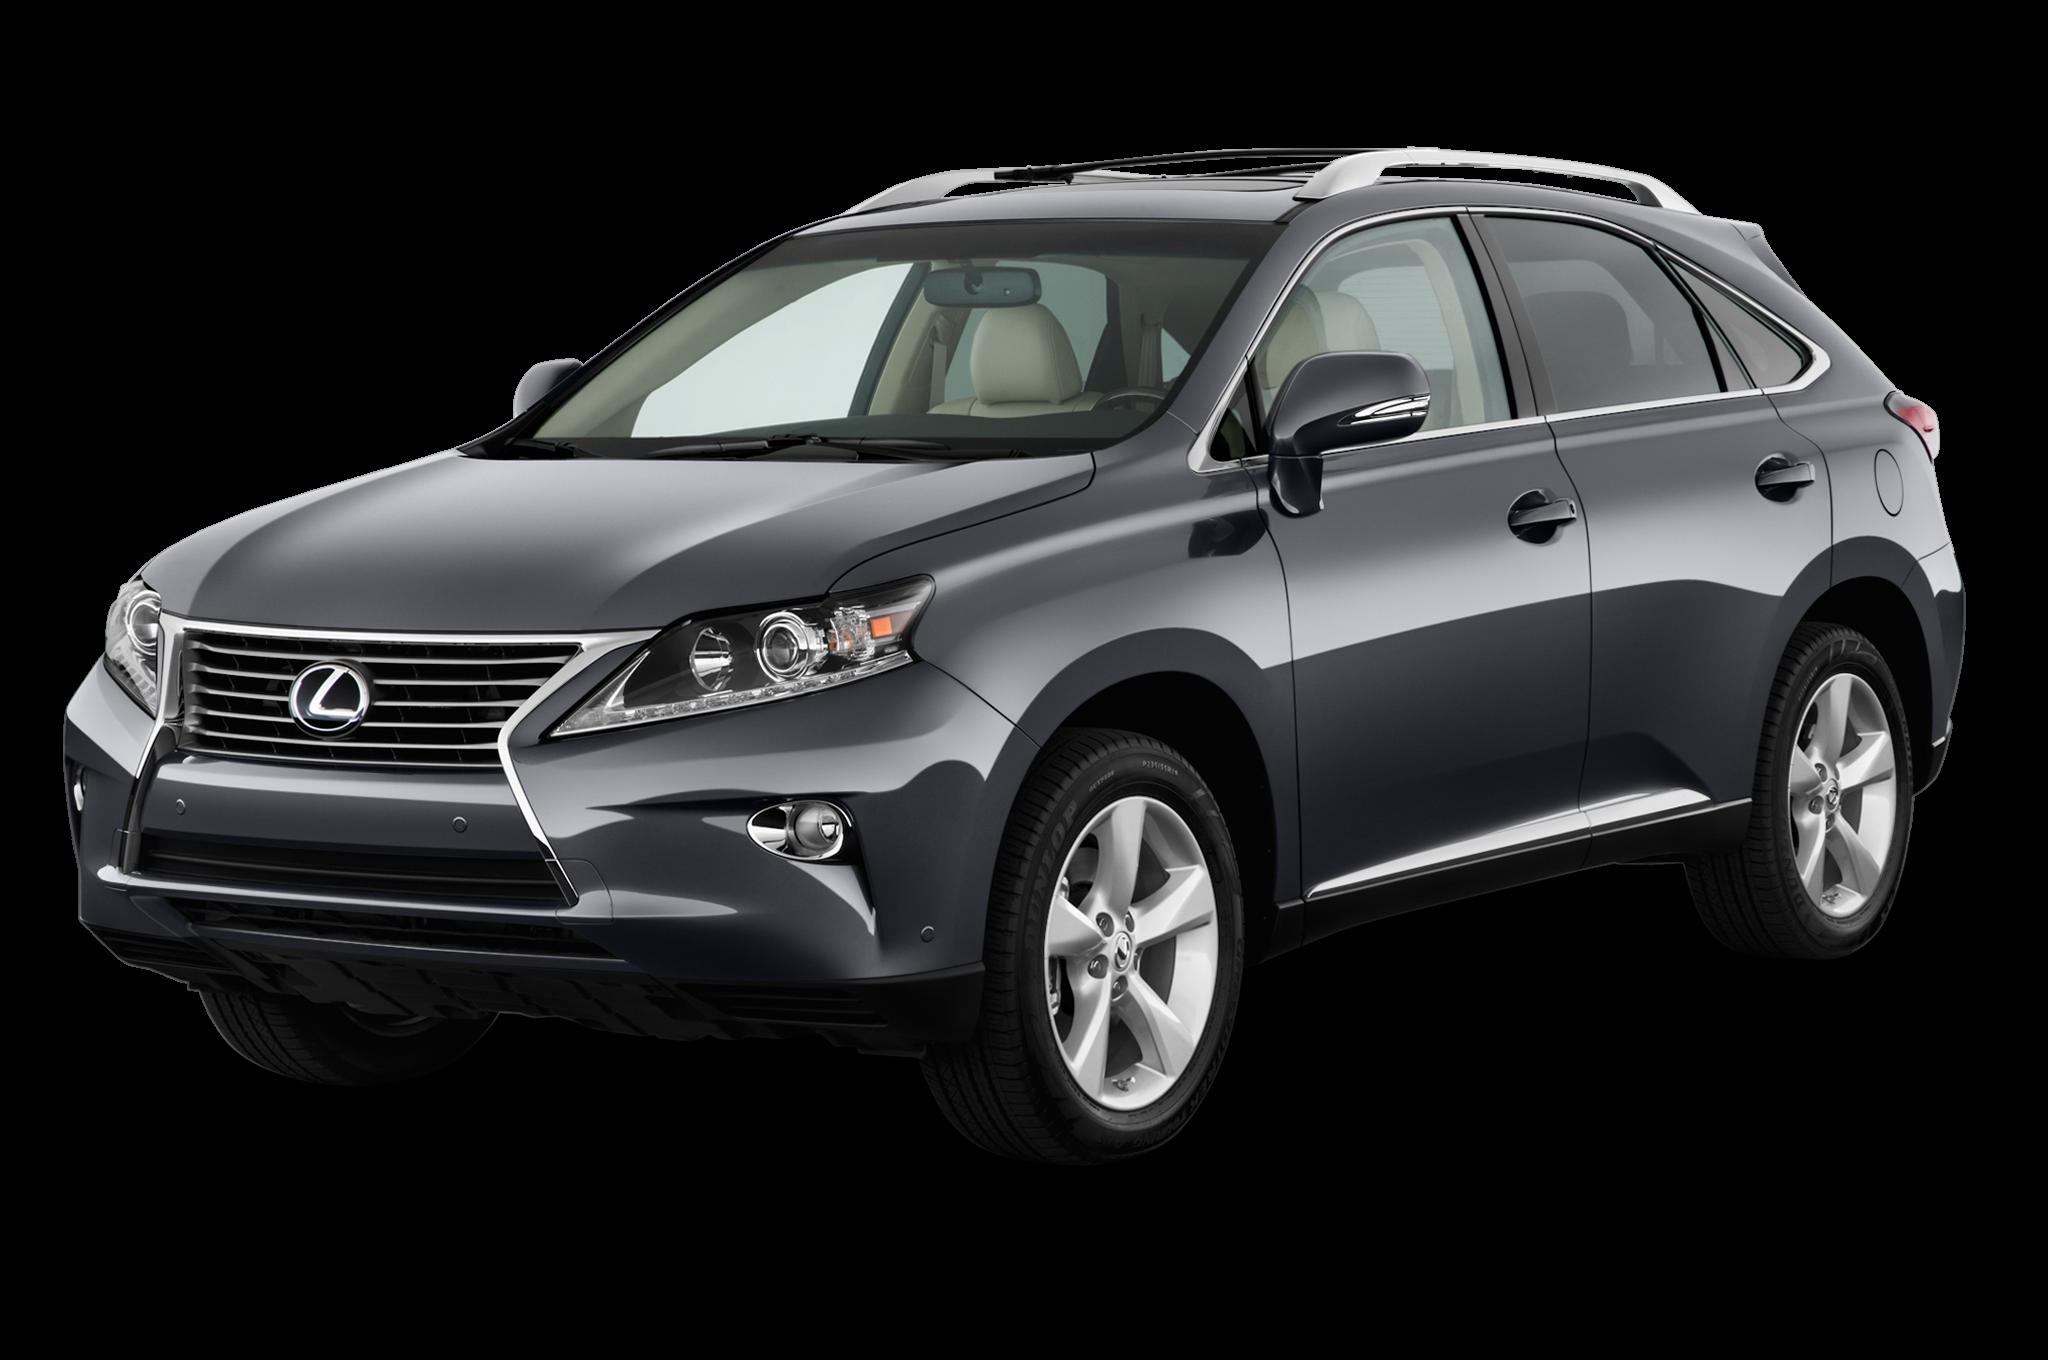 chicago tribune chi lexus auto automotive r story rx classified hybrid review